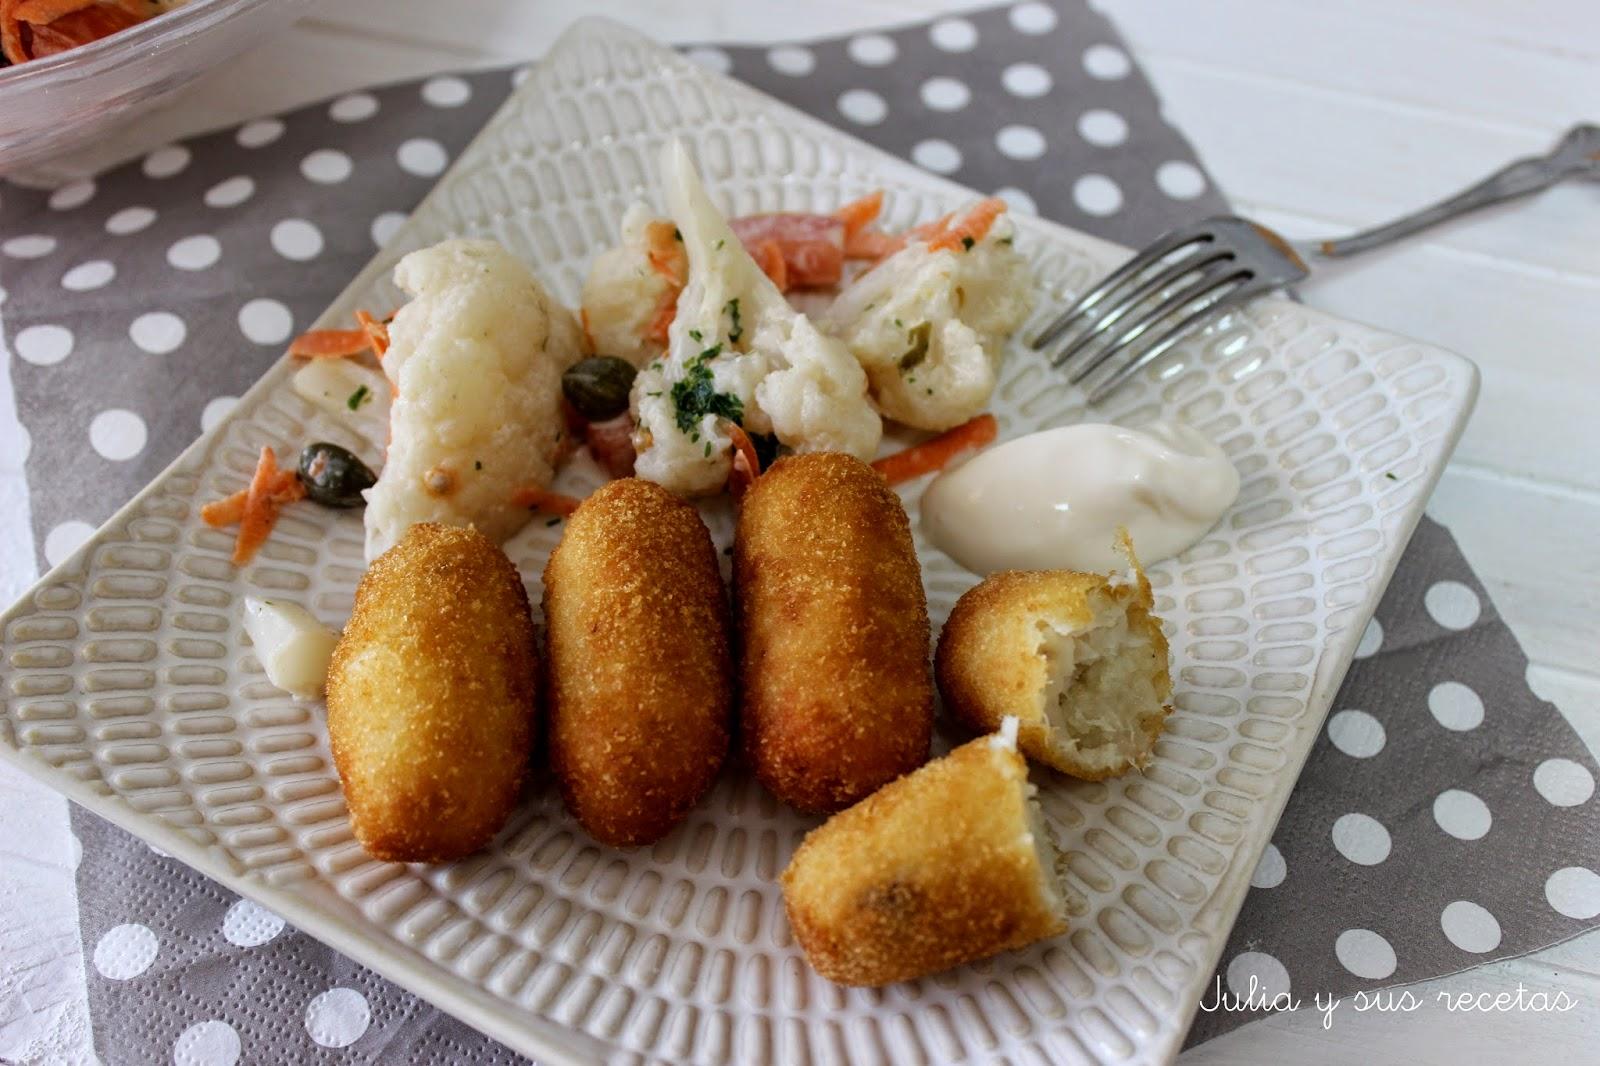 Croquetas de merluza. Julia y sus recetas